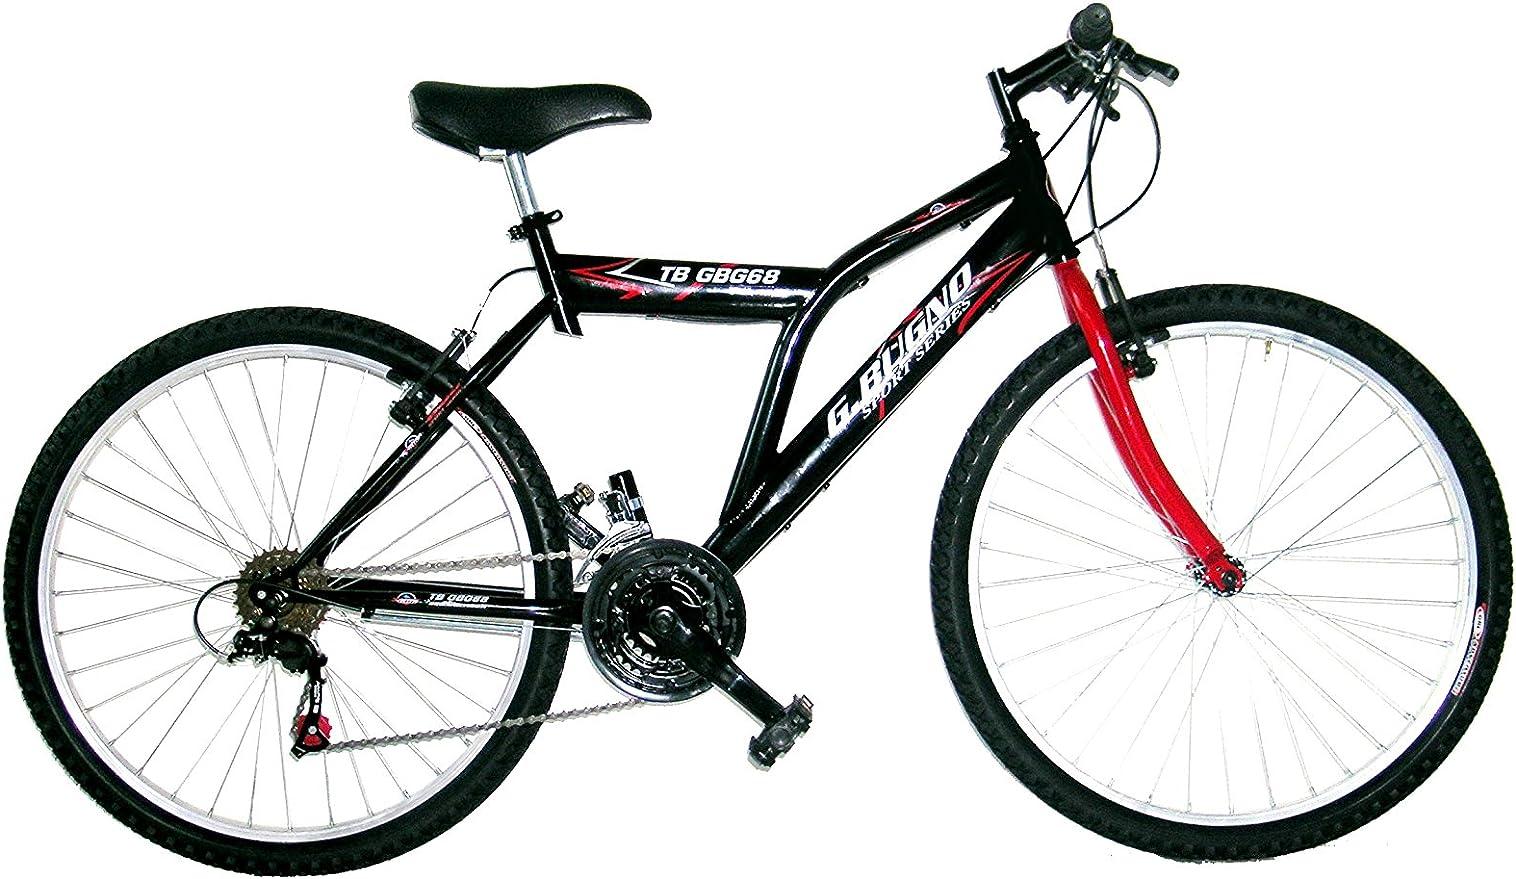 Bugno Bicicleta Btt Negro/Rojo: Amazon.es: Deportes y aire libre